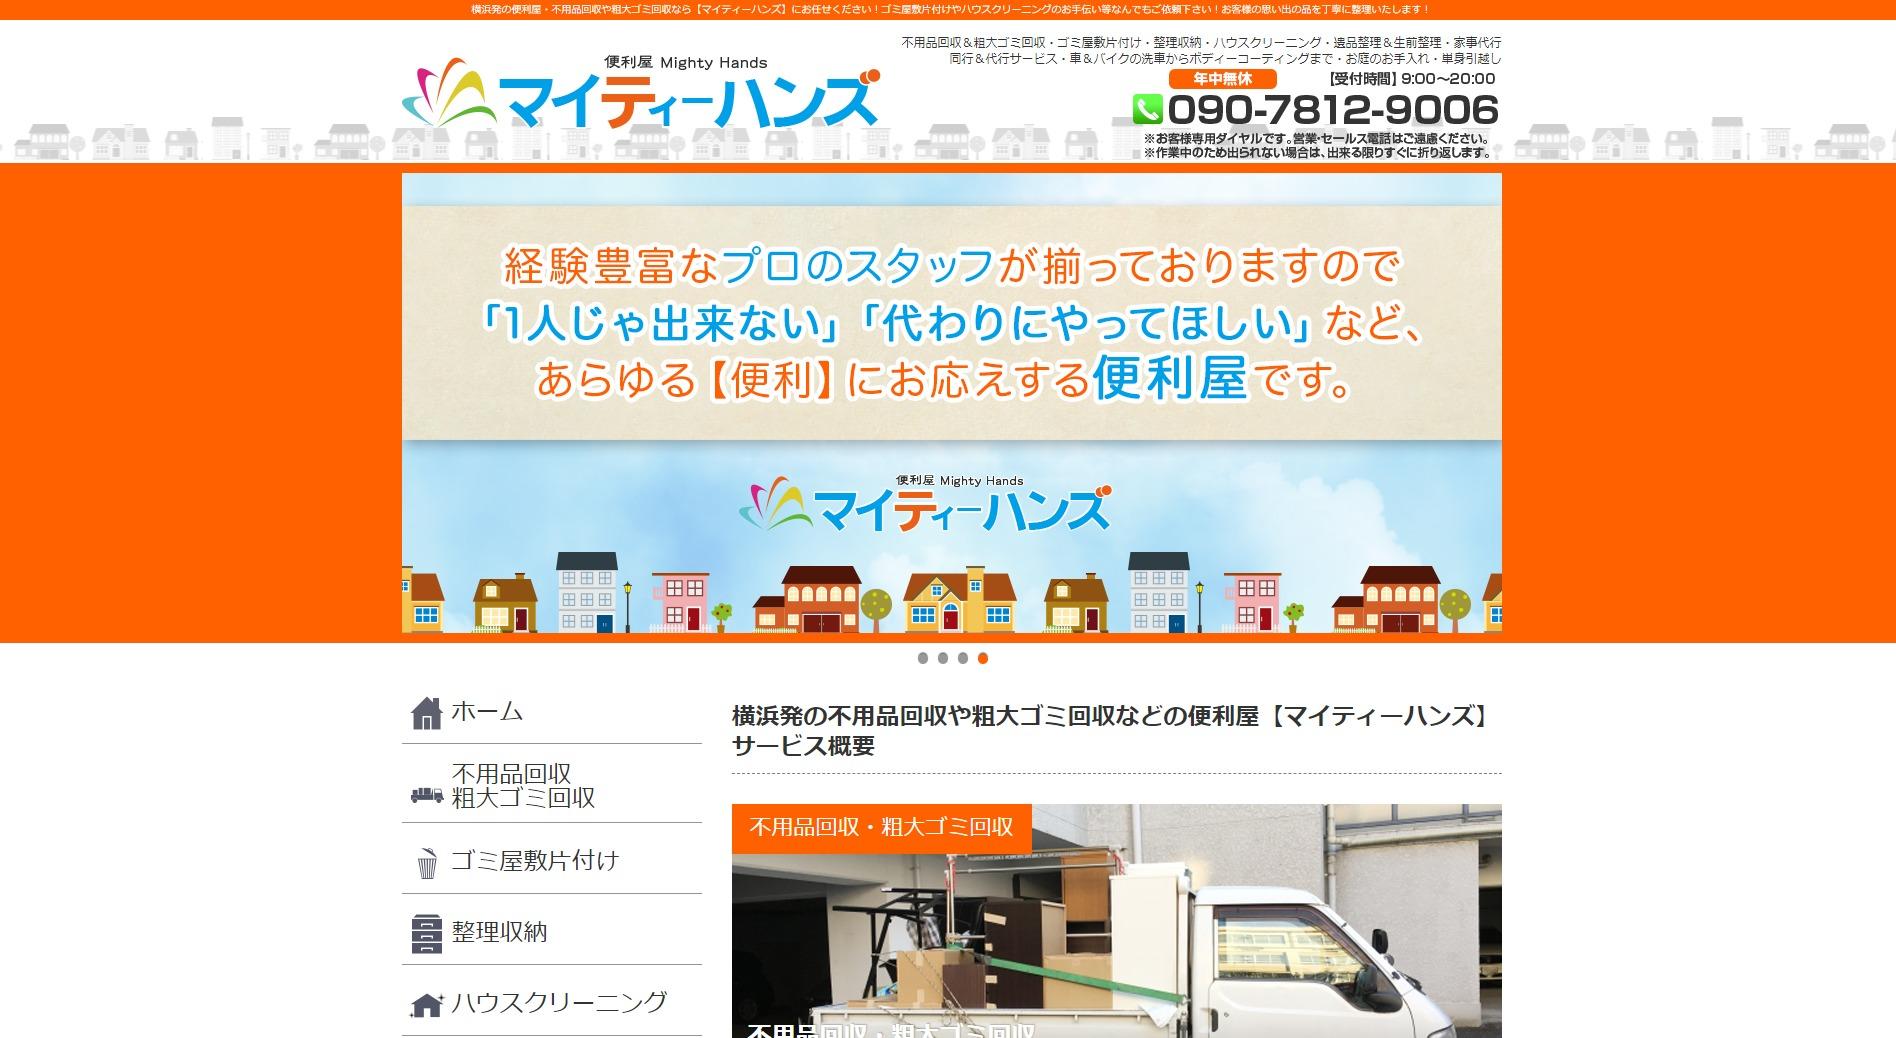 便利屋マイティーハンズ(神奈川県横浜市保土ケ谷区)